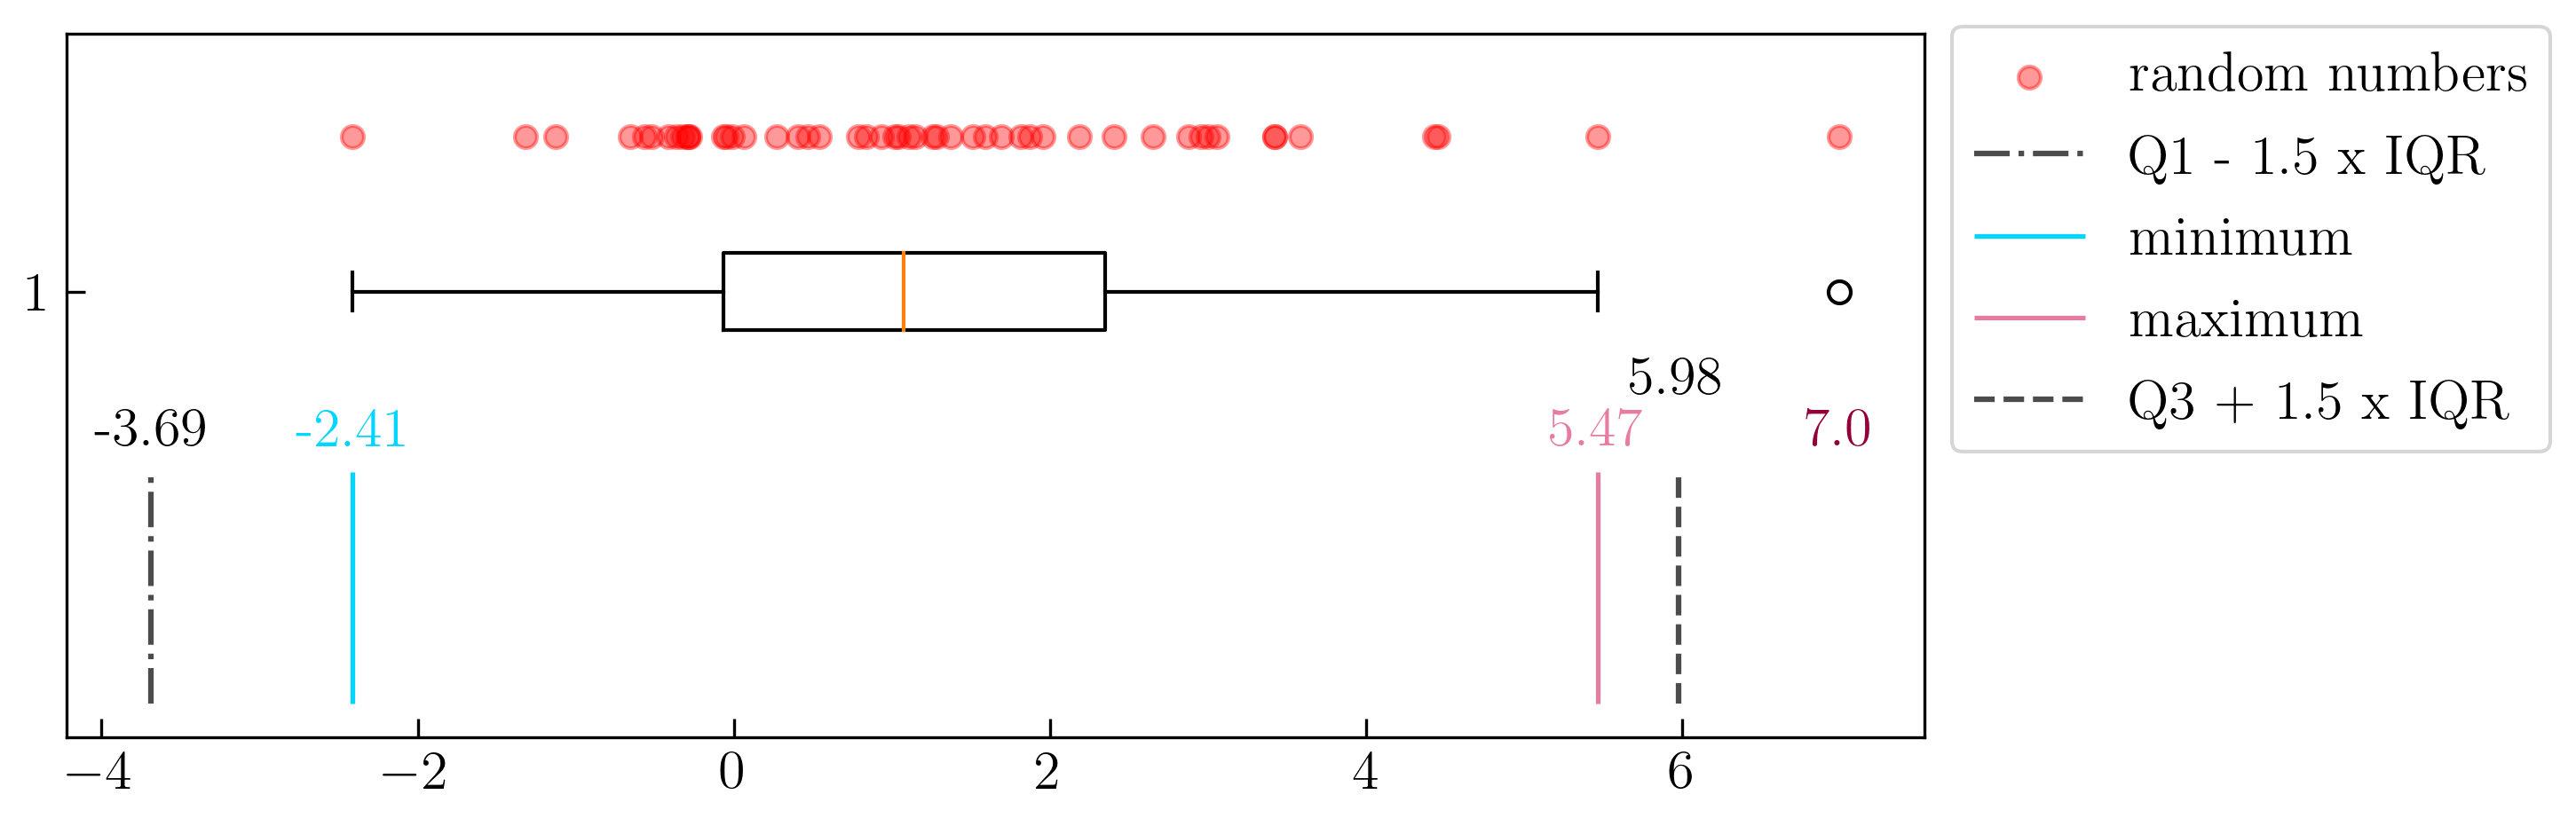 图6. 箱形图中异常值阐述